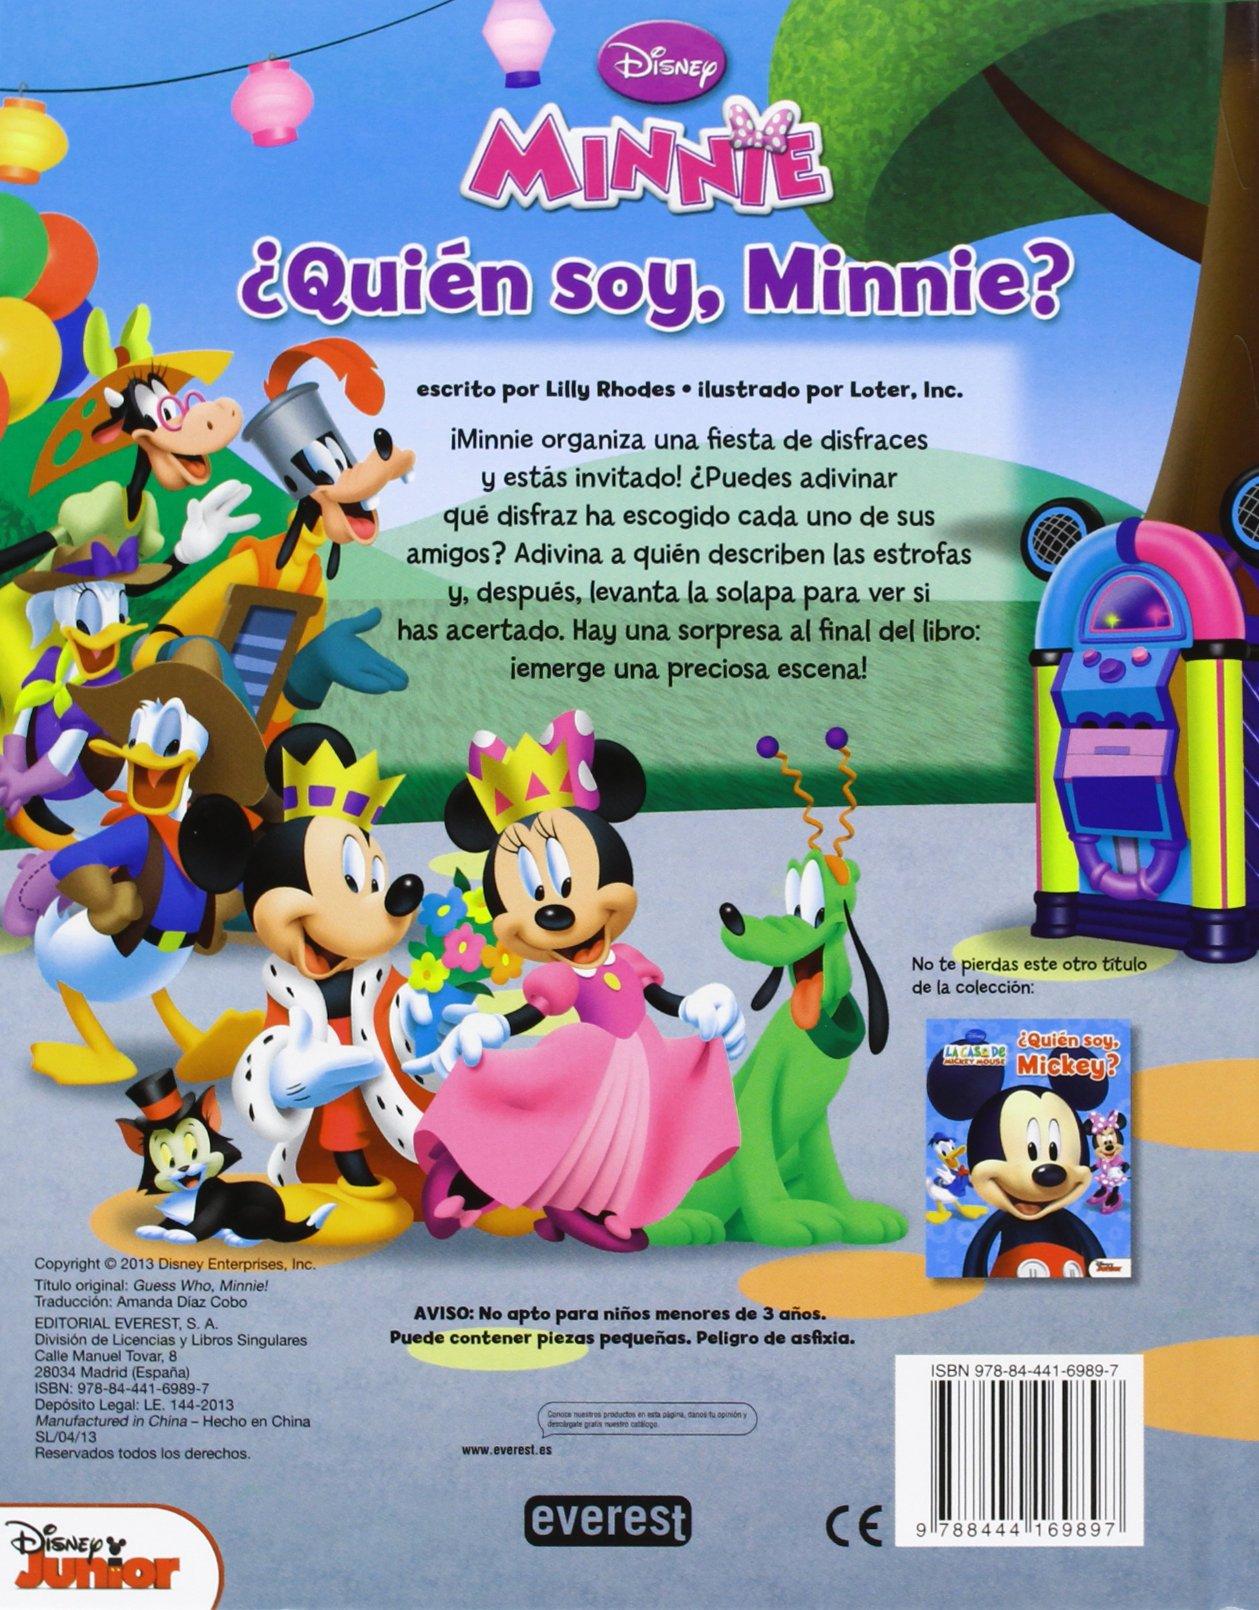 Quién soy, Minnie? (Casa Mickey Especiales): Amazon.es: Walt Disney Company, Rhodes Lilly, Loter, Inc, Walt Disney Company, Everest: Libros